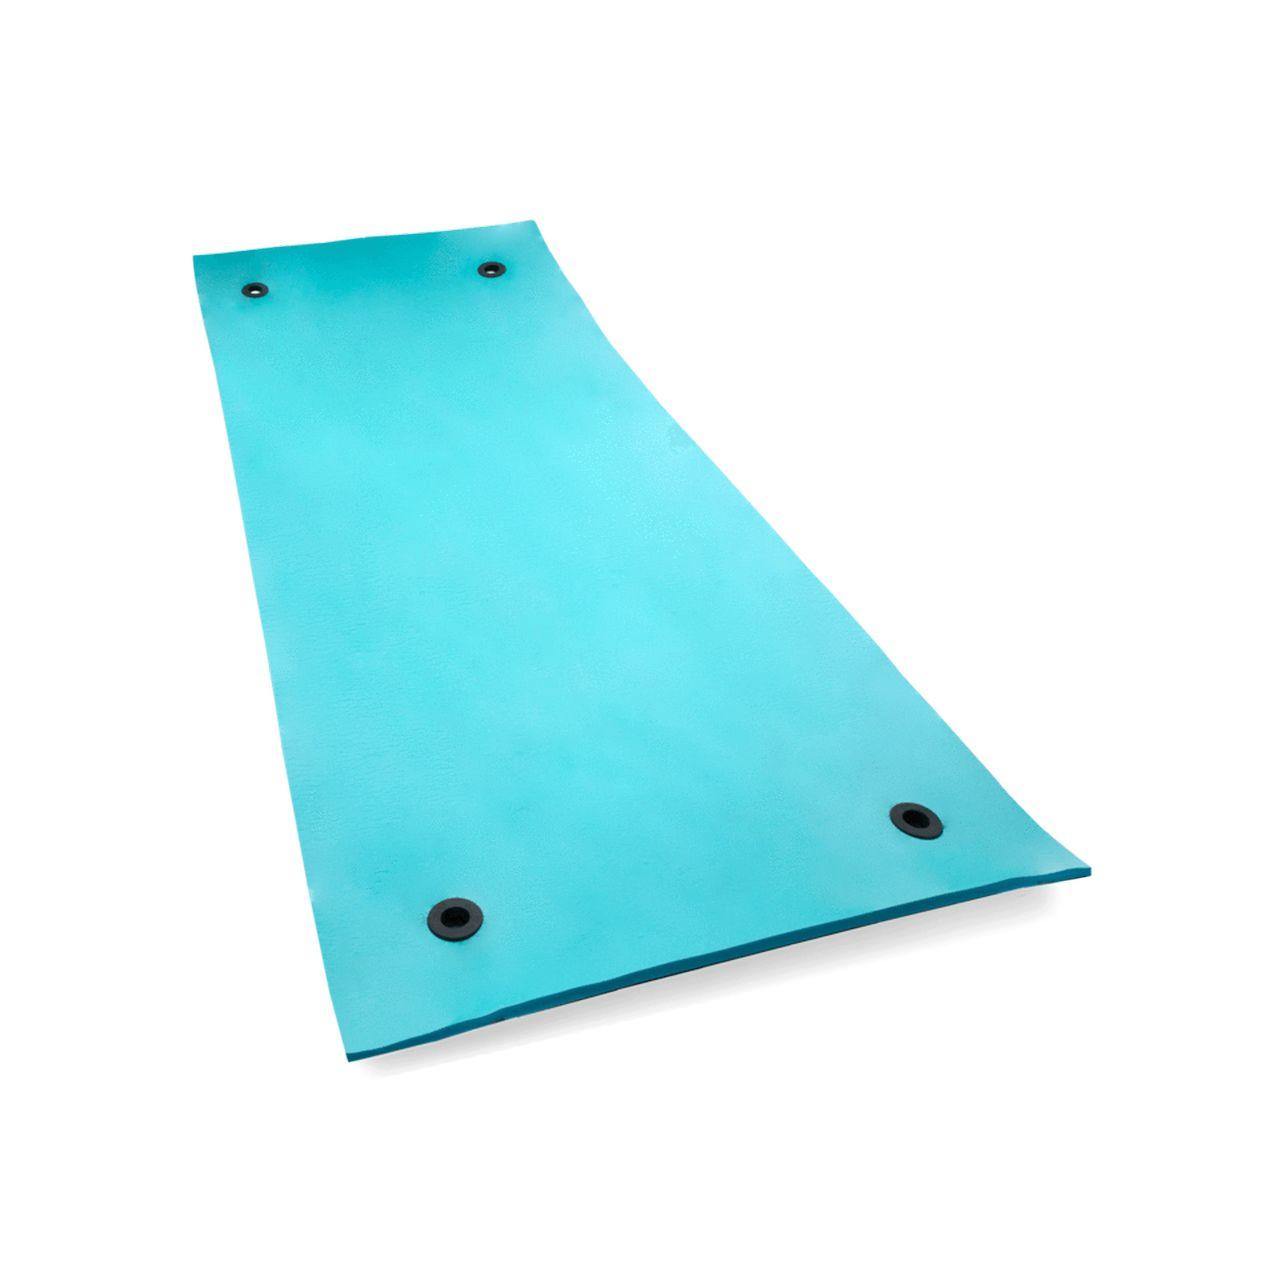 Big Joe Waterpad Aqua Eva Foam